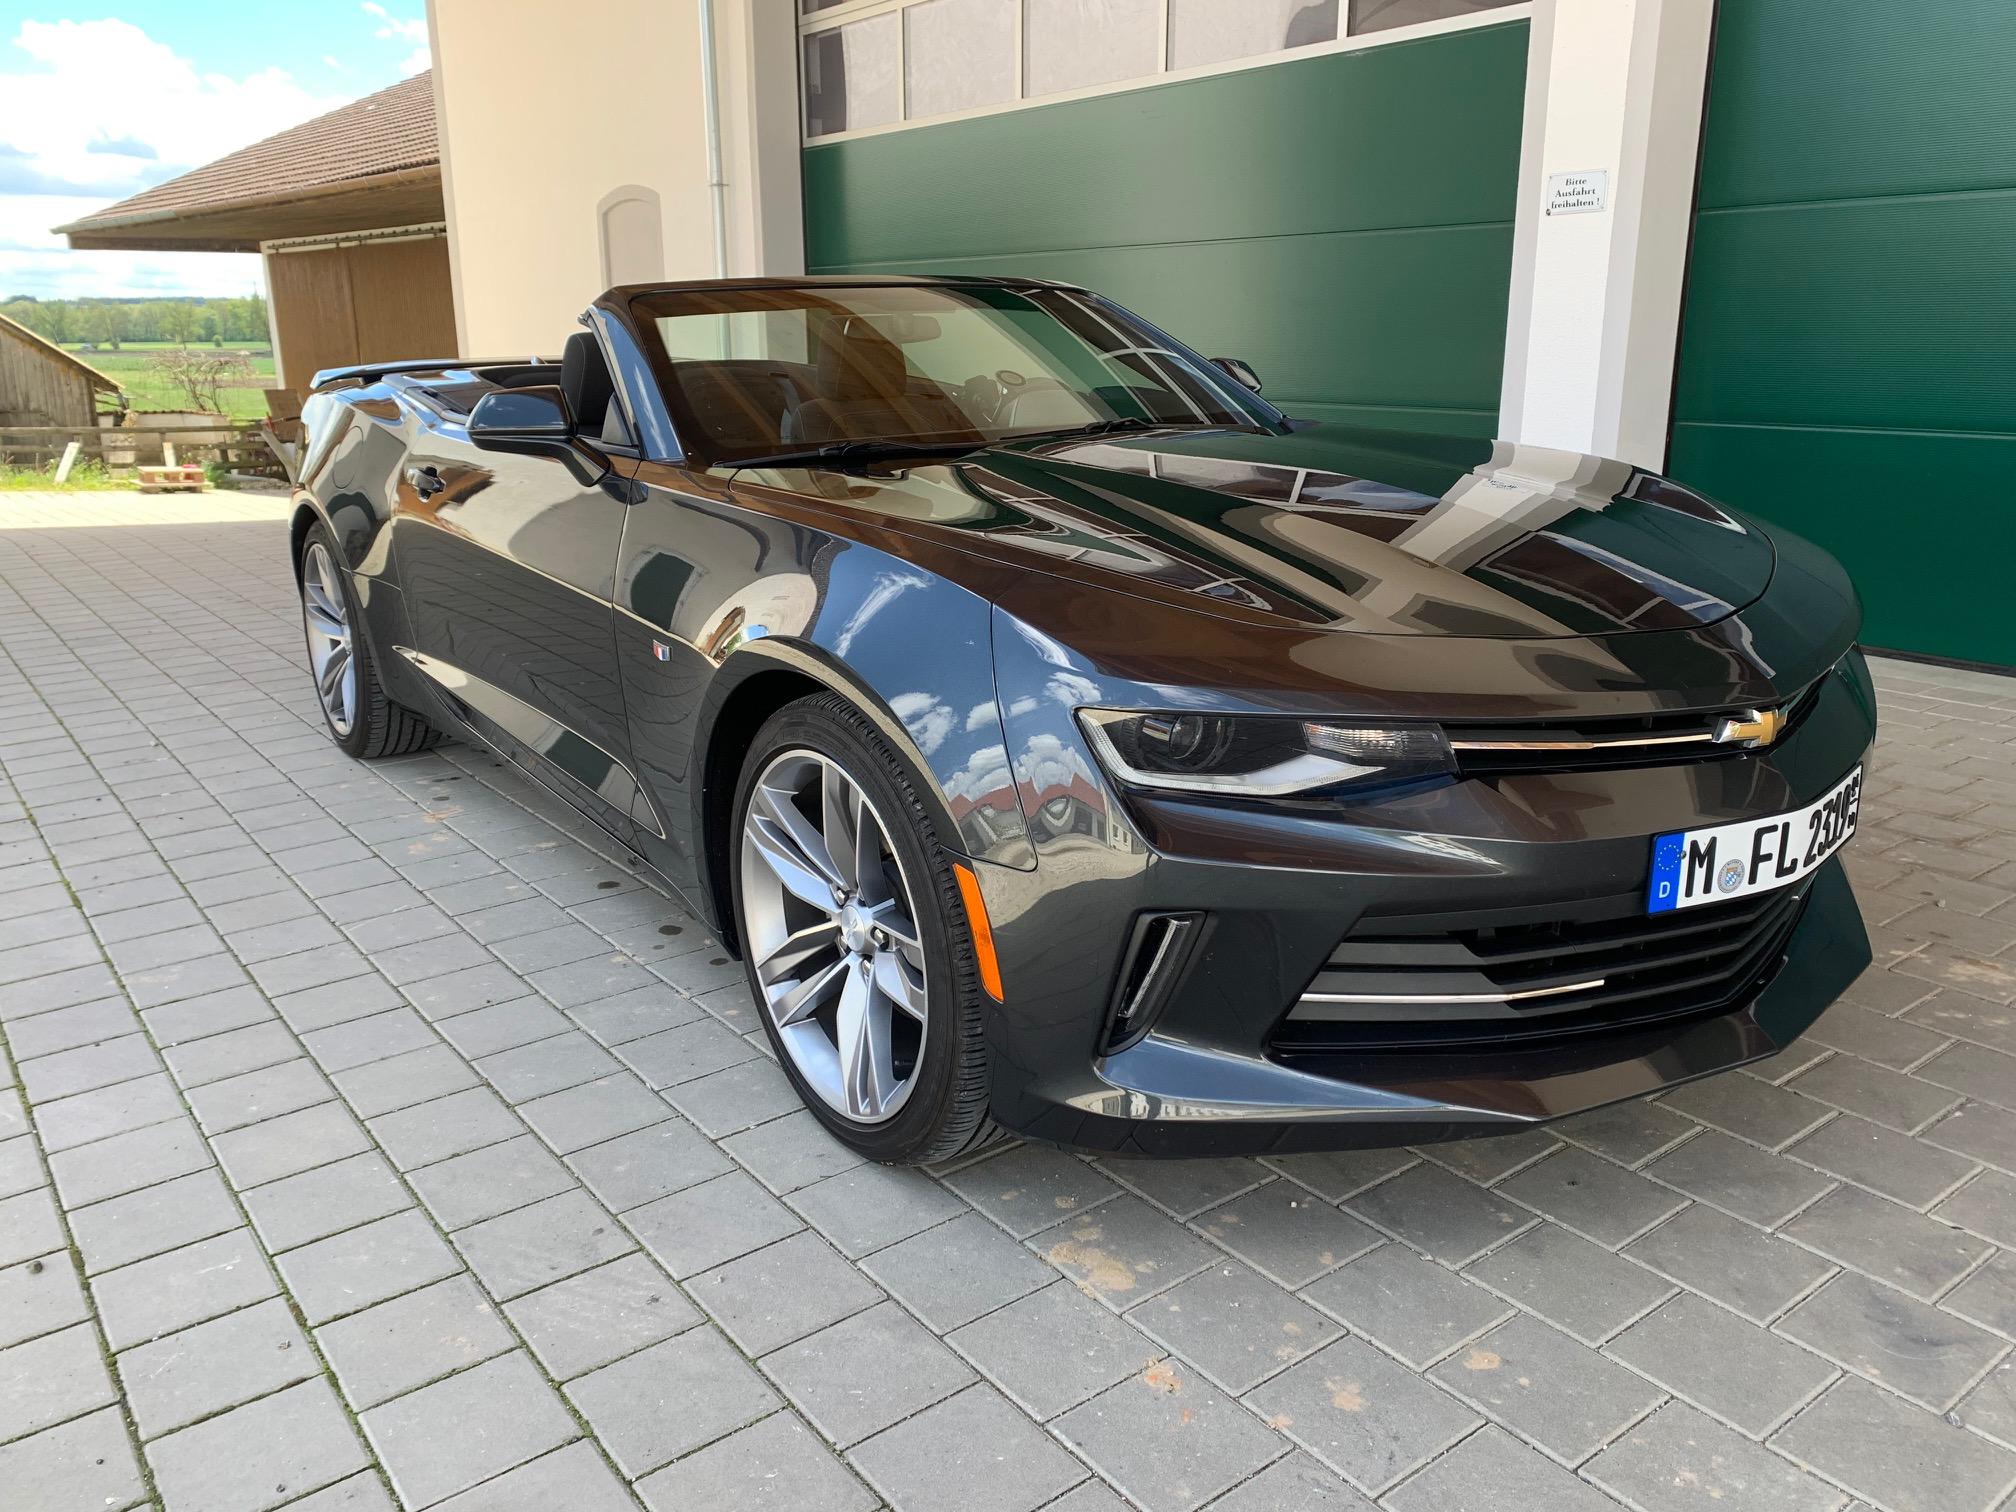 2018 Camaro Cabrio Deutschland zu cerkaufen